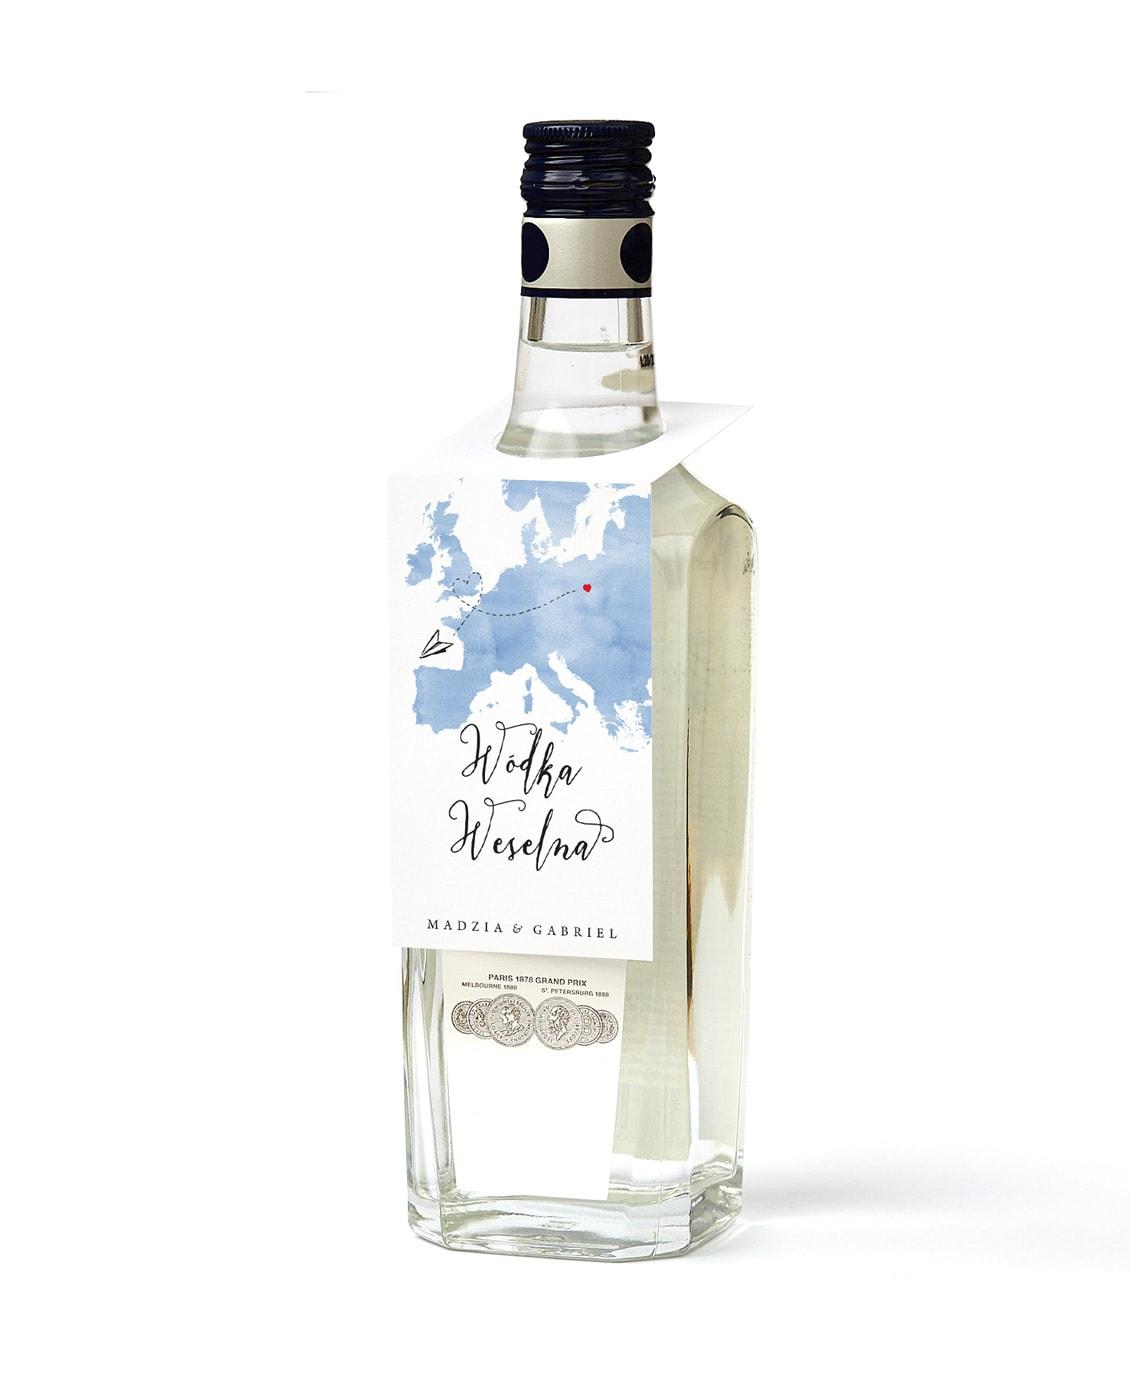 Zawieszki na butelki z alkoholem z samolotem i niebieską mapą